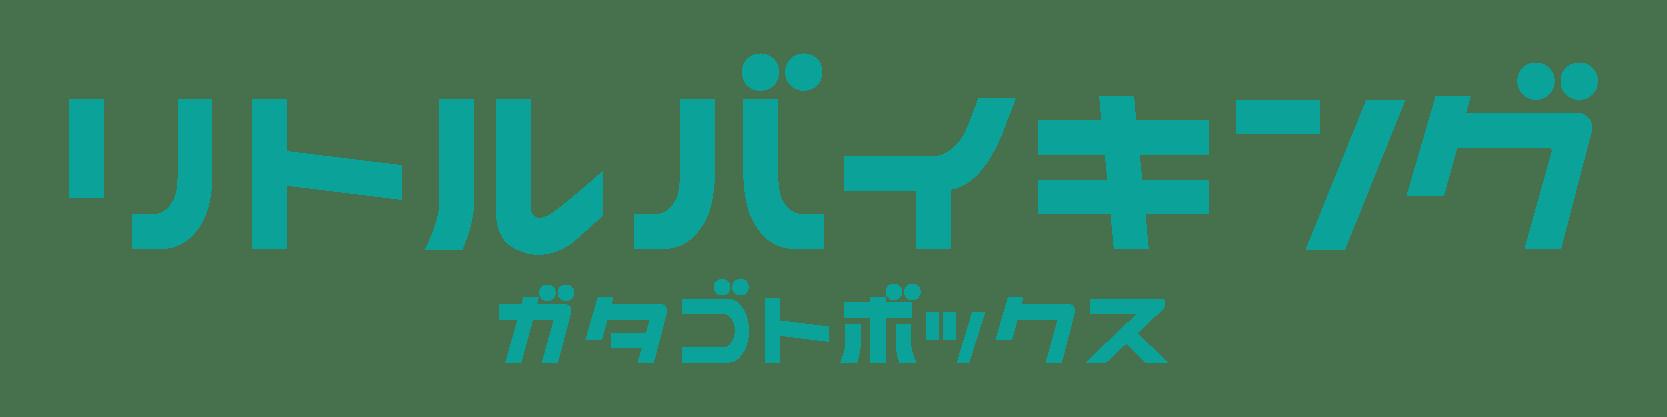 ☆ 『リトルバイキング・たじみ定期会』当面休止のお知らせ